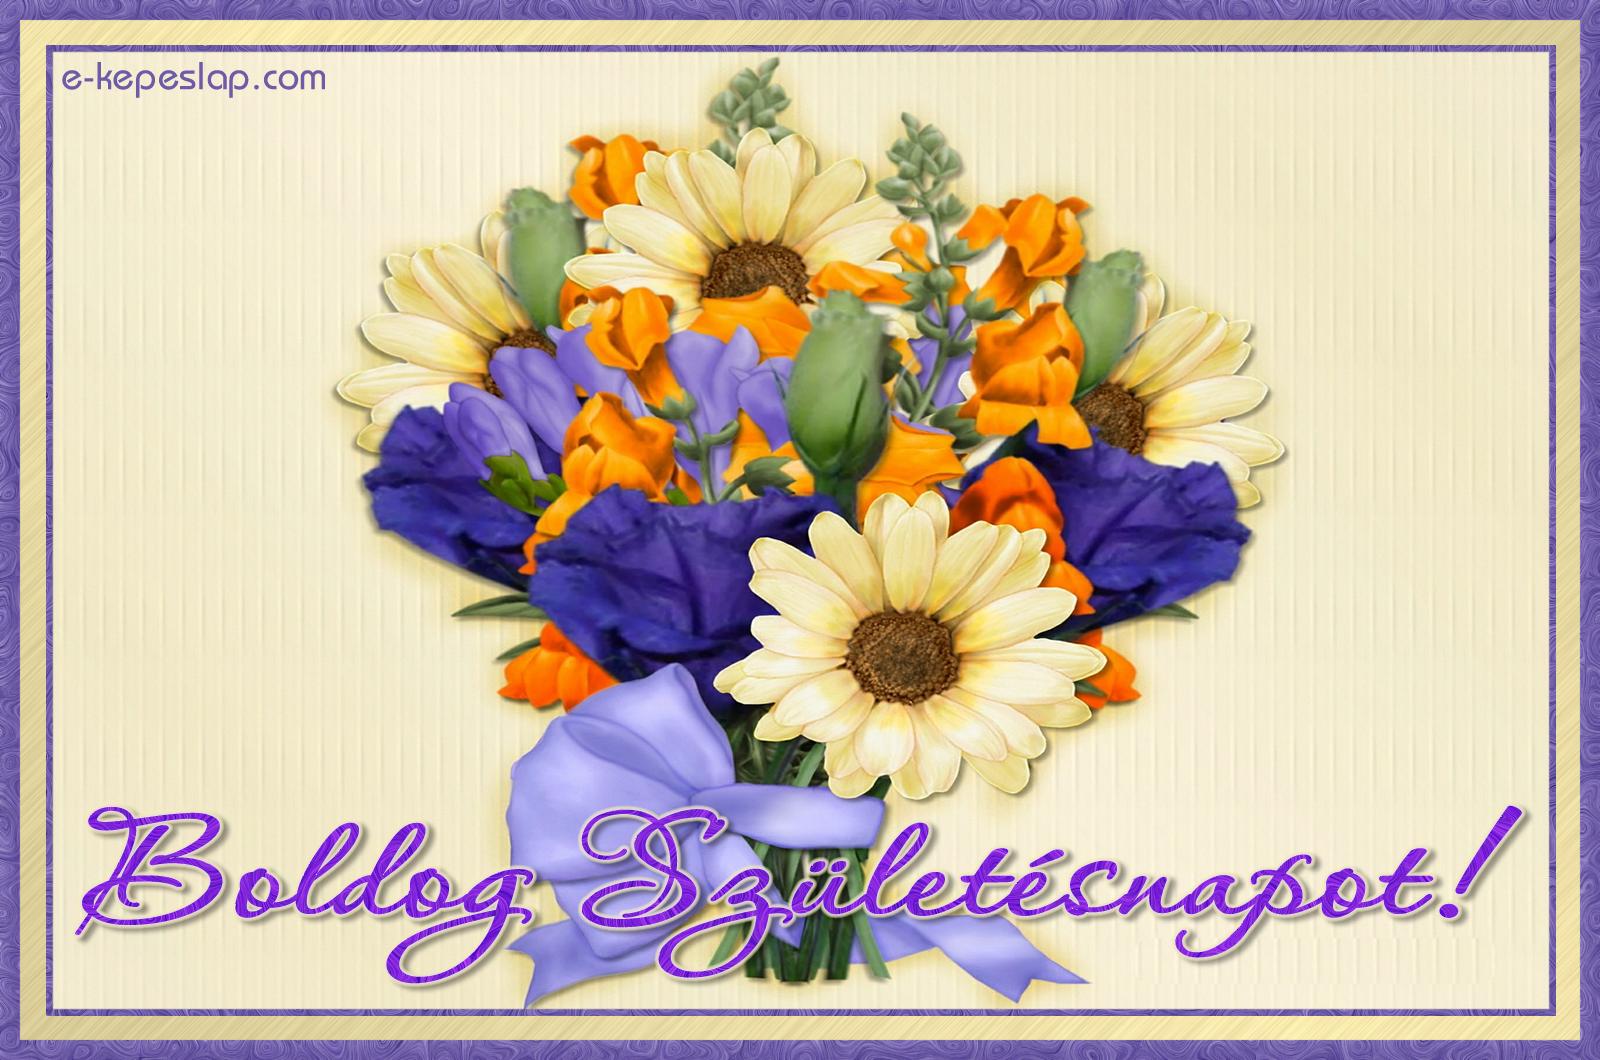 szülinapi képeslapok nőknek Virágcsokor, szülinapi képeslap nőknek   Képeslapküldés   e  szülinapi képeslapok nőknek